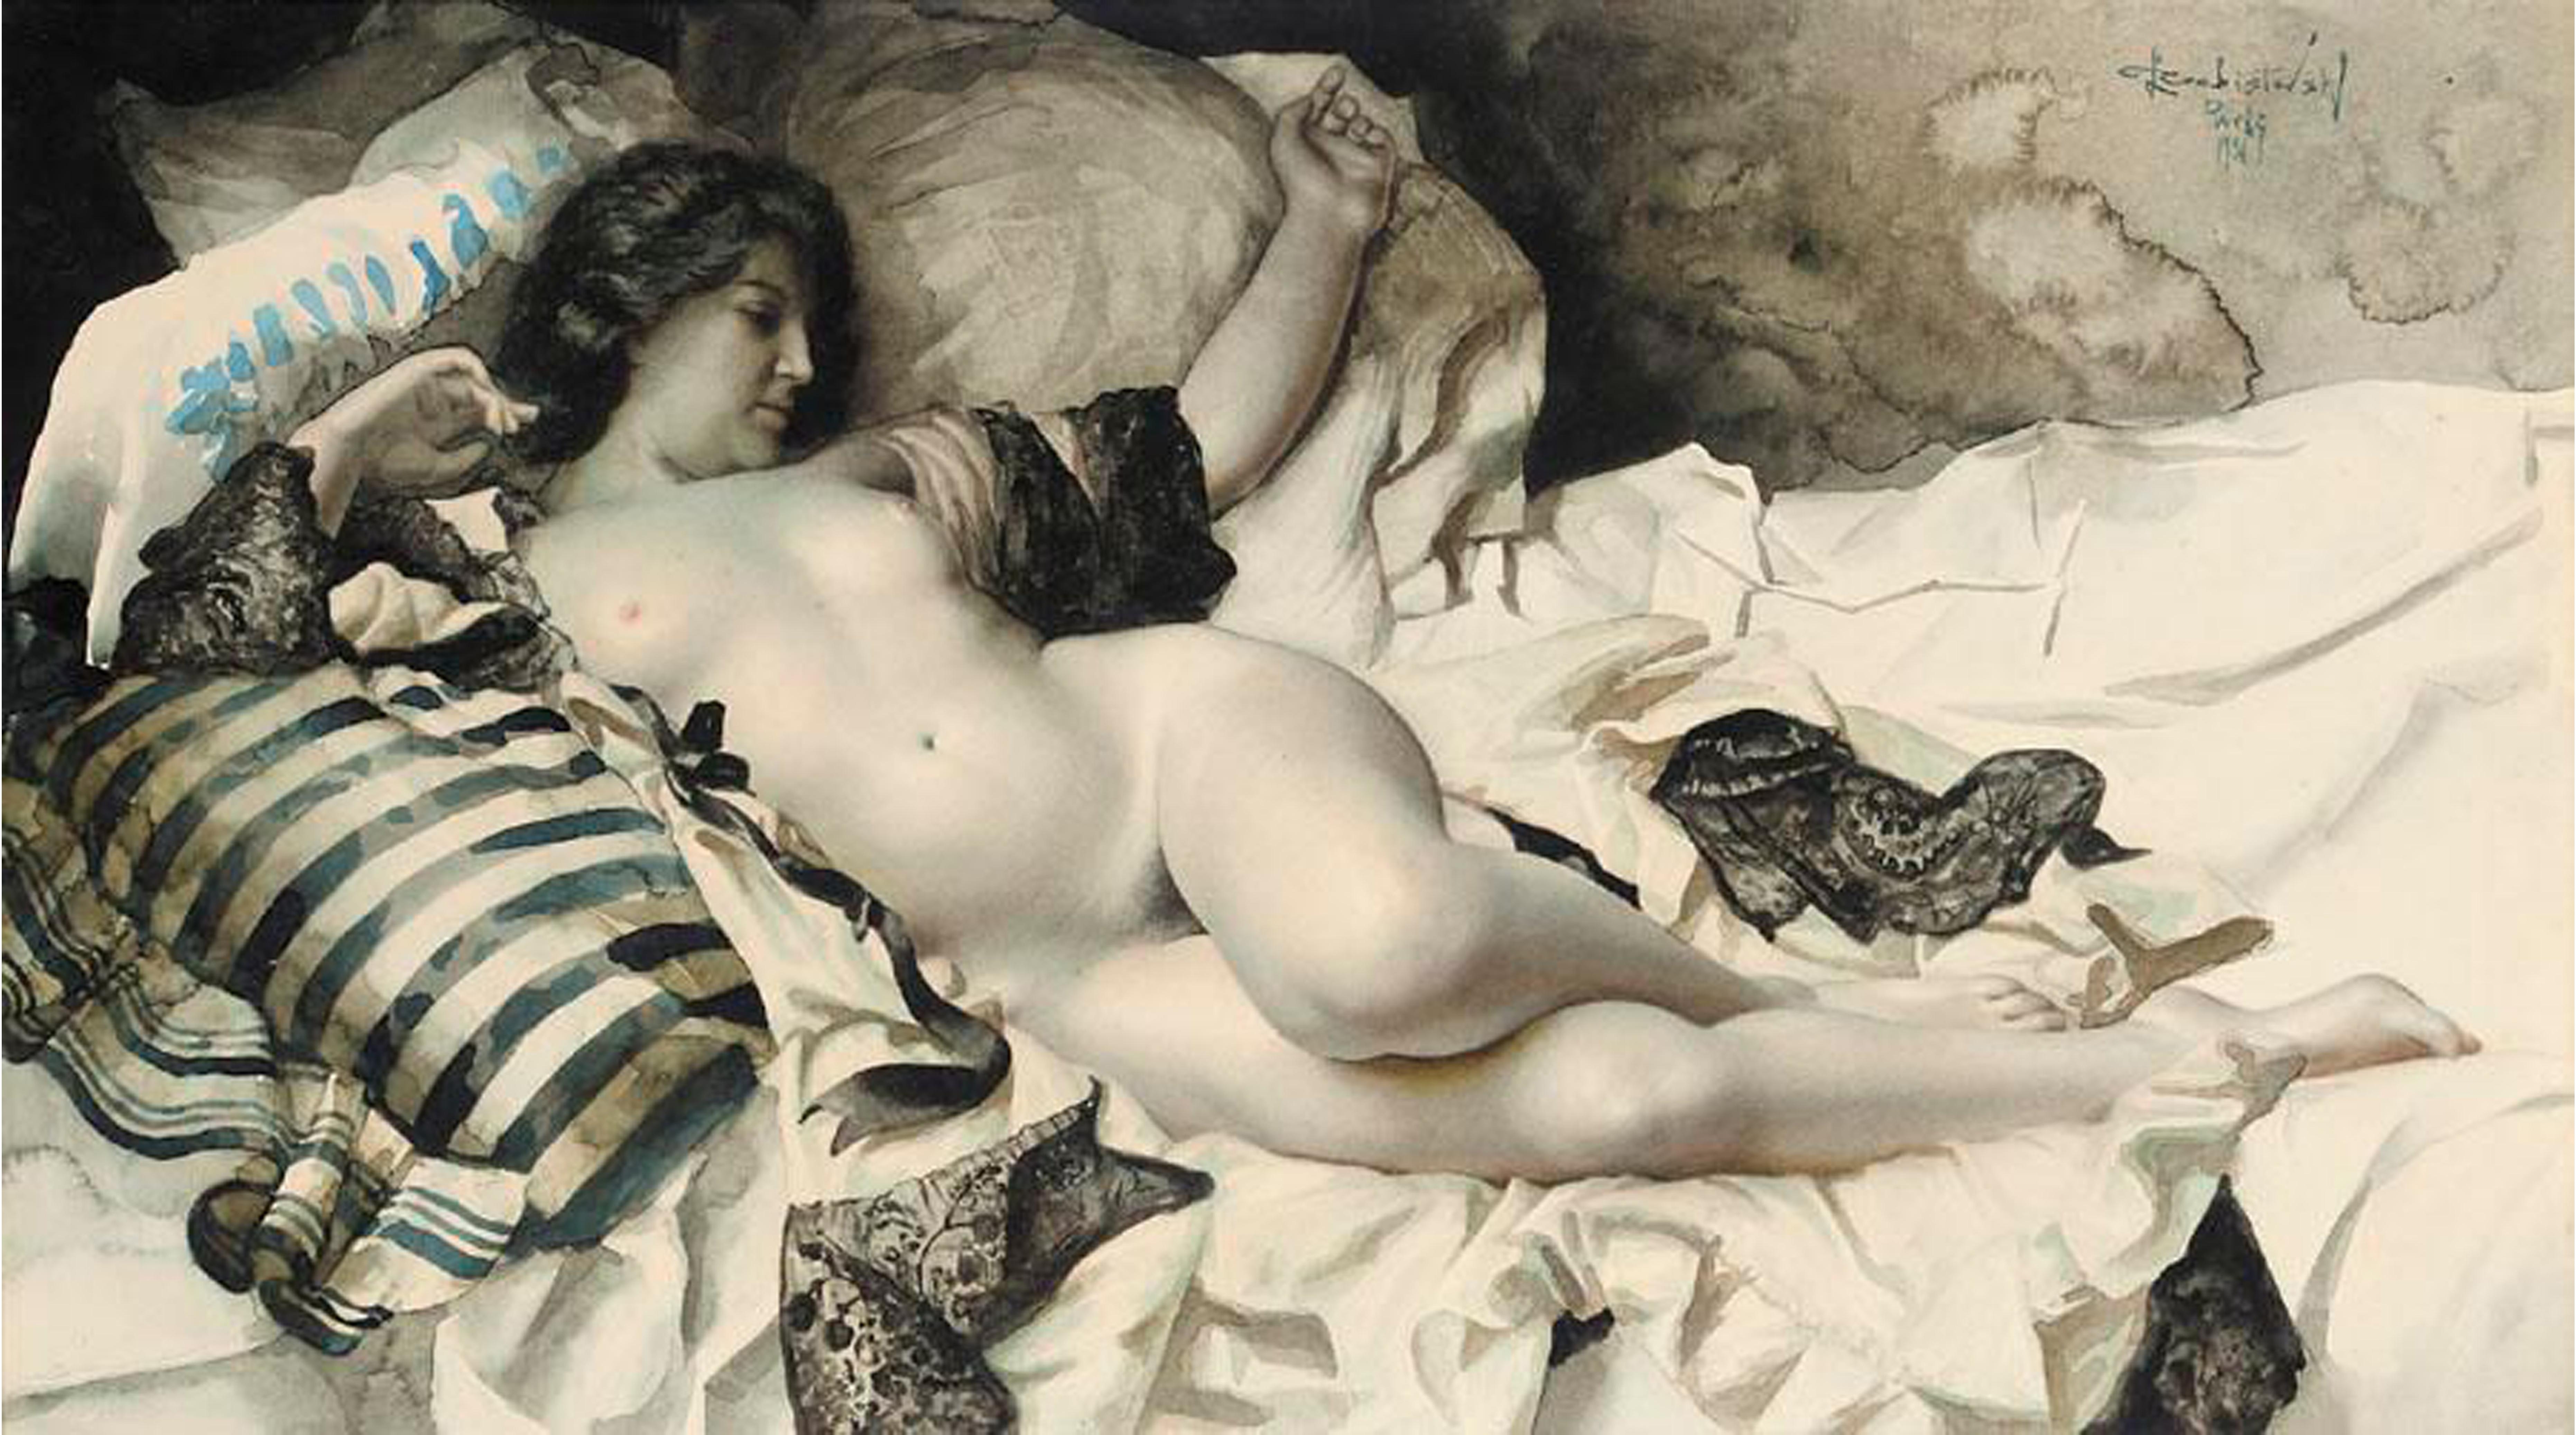 Ретро рисунки голых женщин, Старые, классические, ретро эротические фотографии 7 фотография